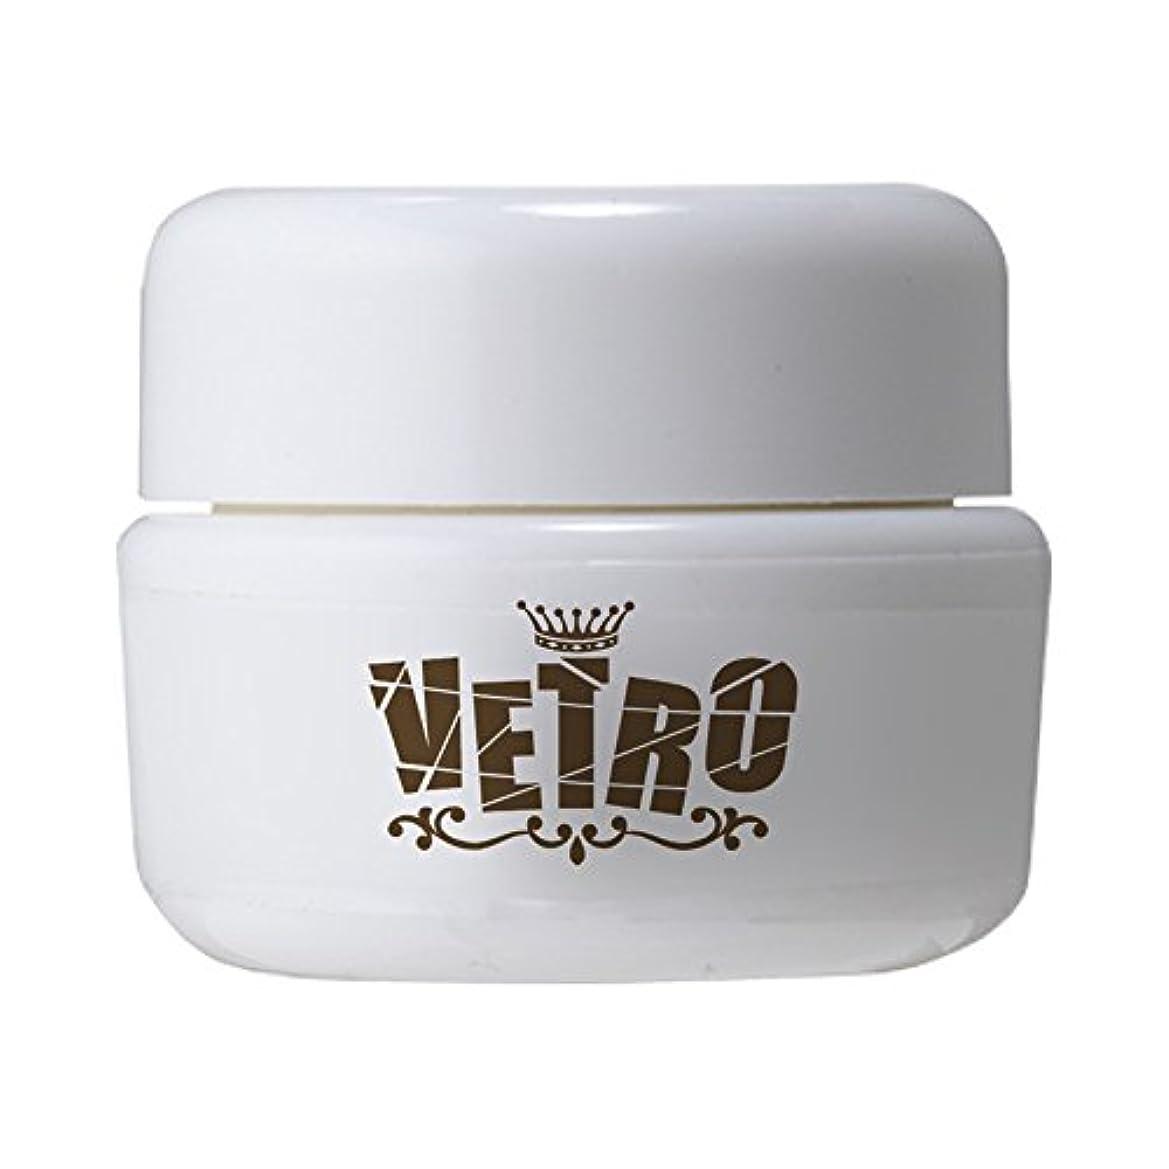 ほかにあらゆる種類のあなたのものVETRO No.19 カラージェル パール VL079 サテンホワイト 4ml